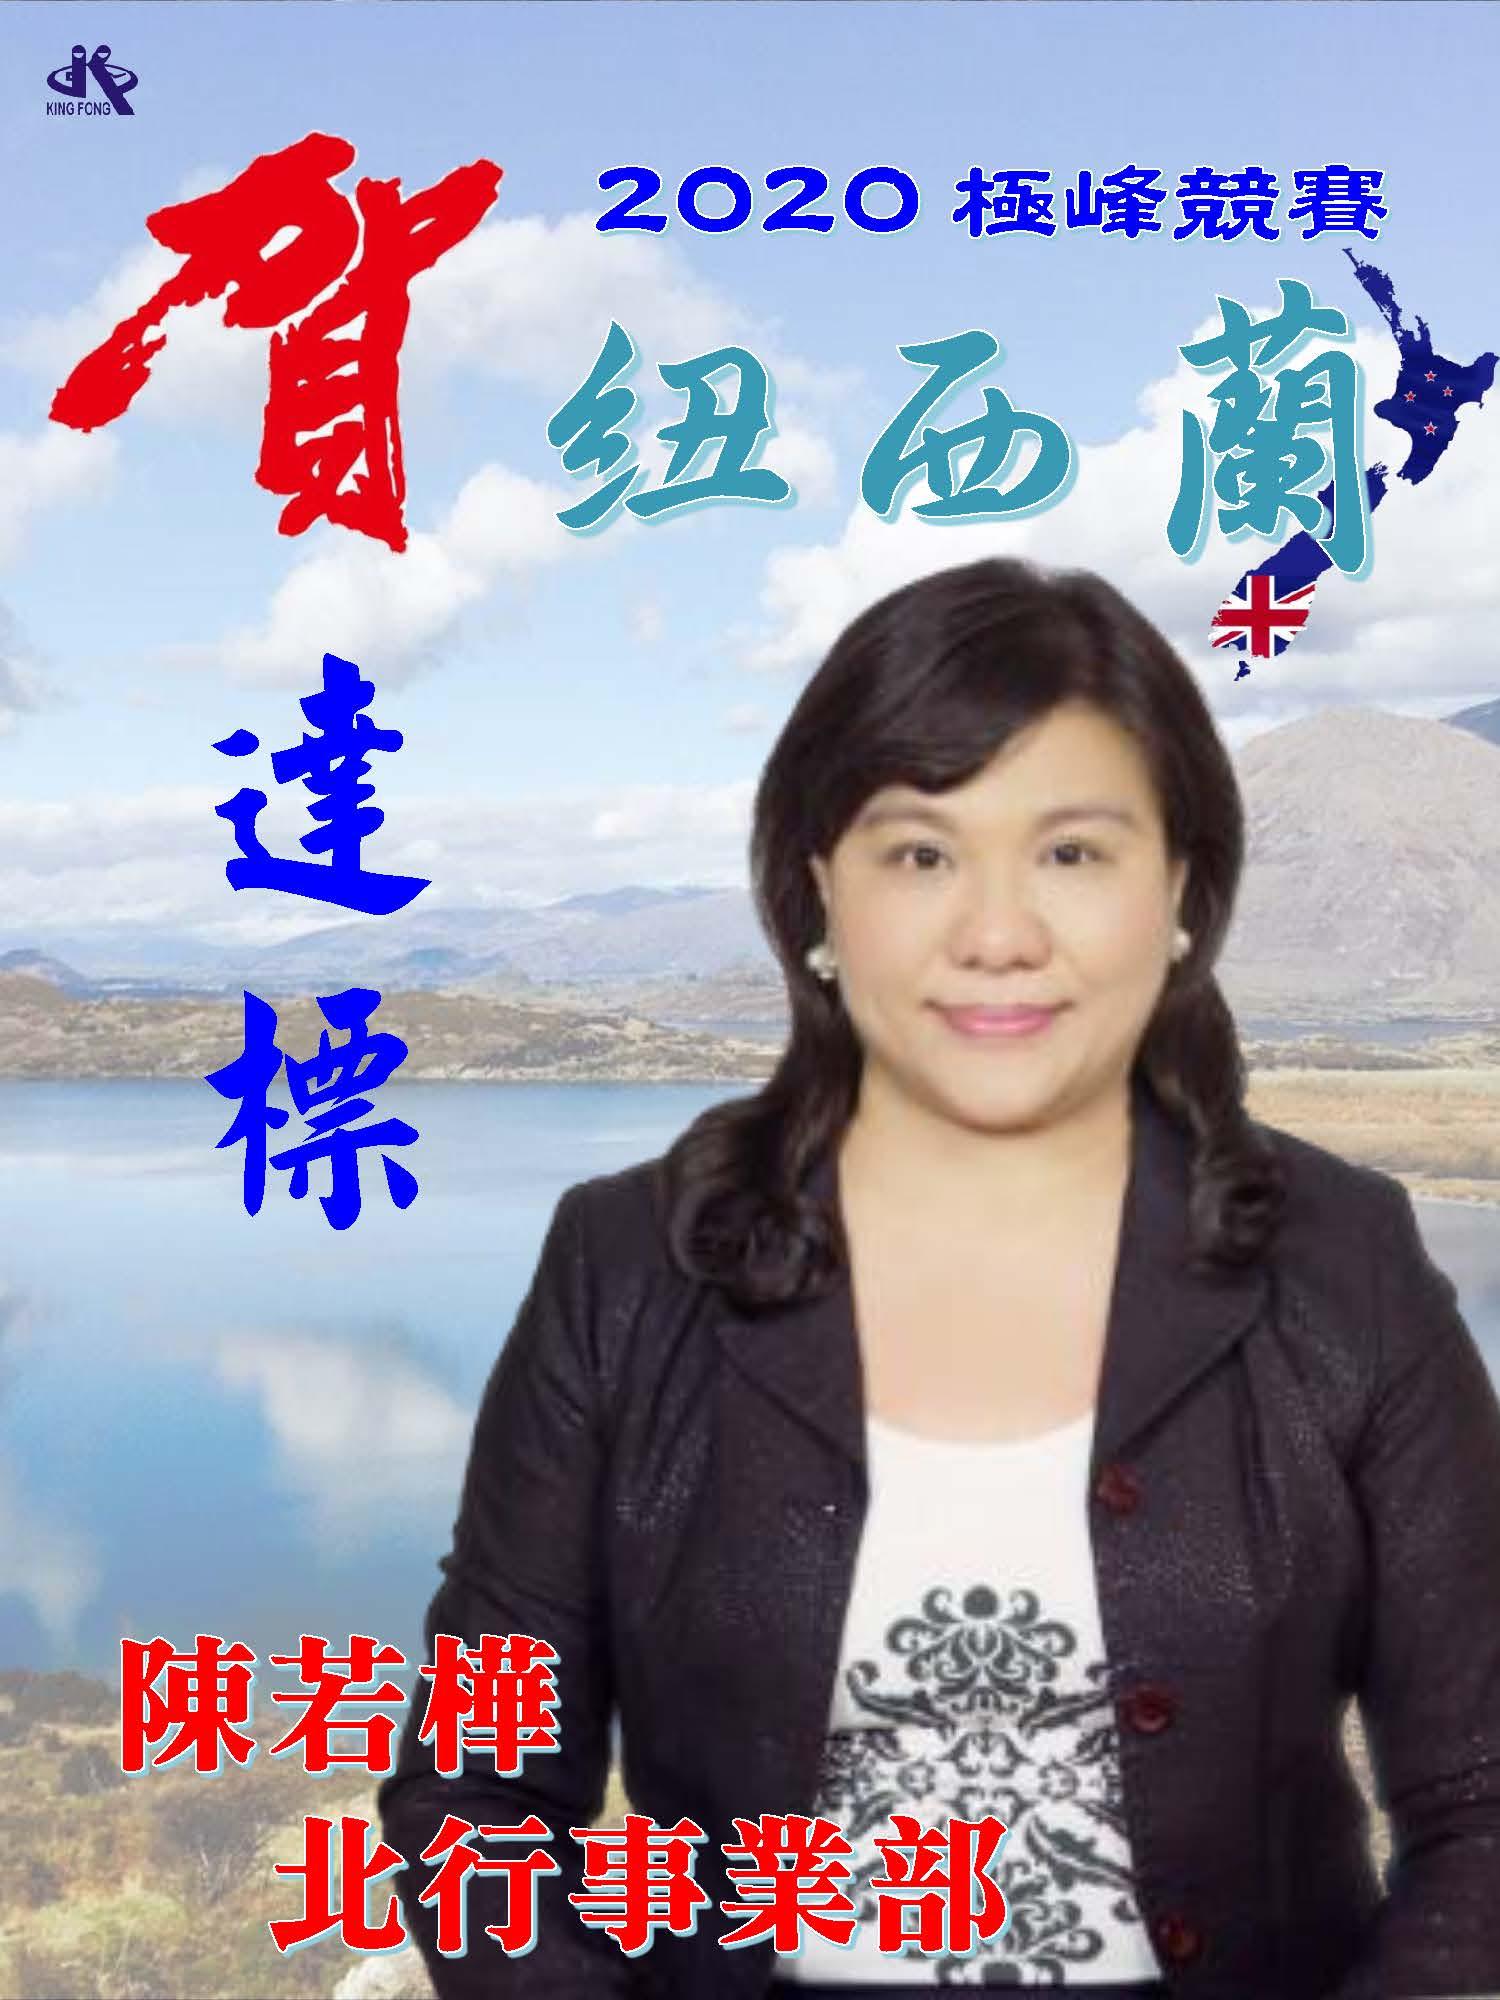 20200709-2020年極峰競賽紐西蘭英雄榜-陳若樺